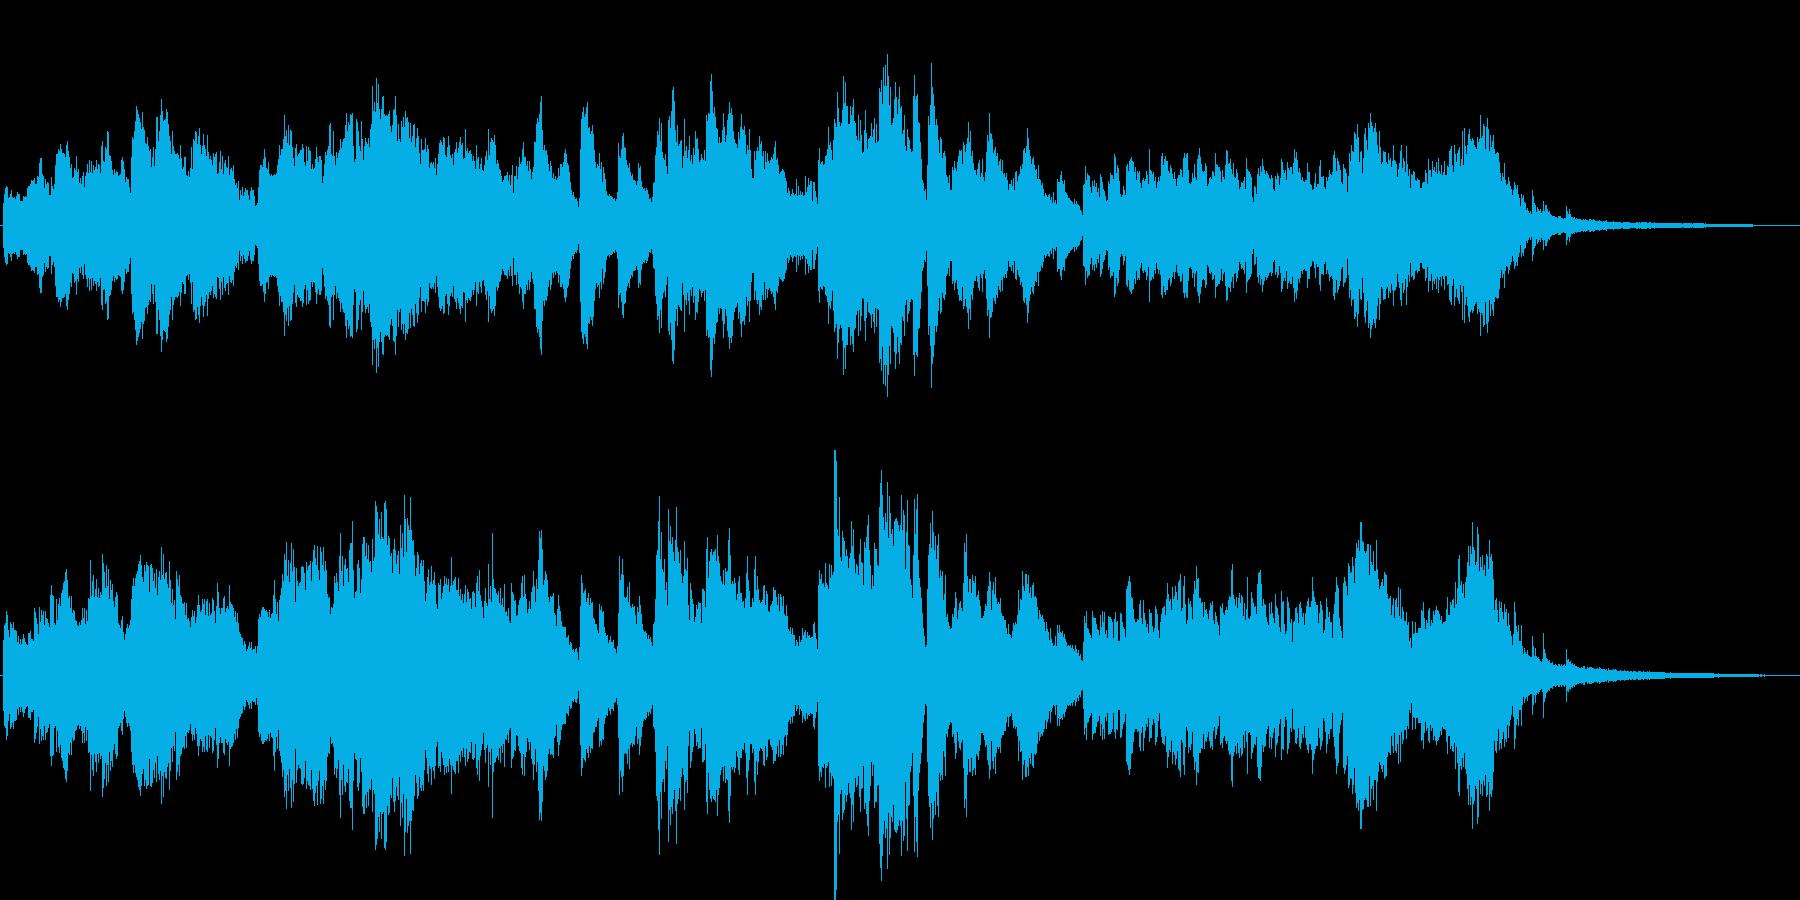 で〜んでん虫ムシ、を小洒落たピアノでの再生済みの波形